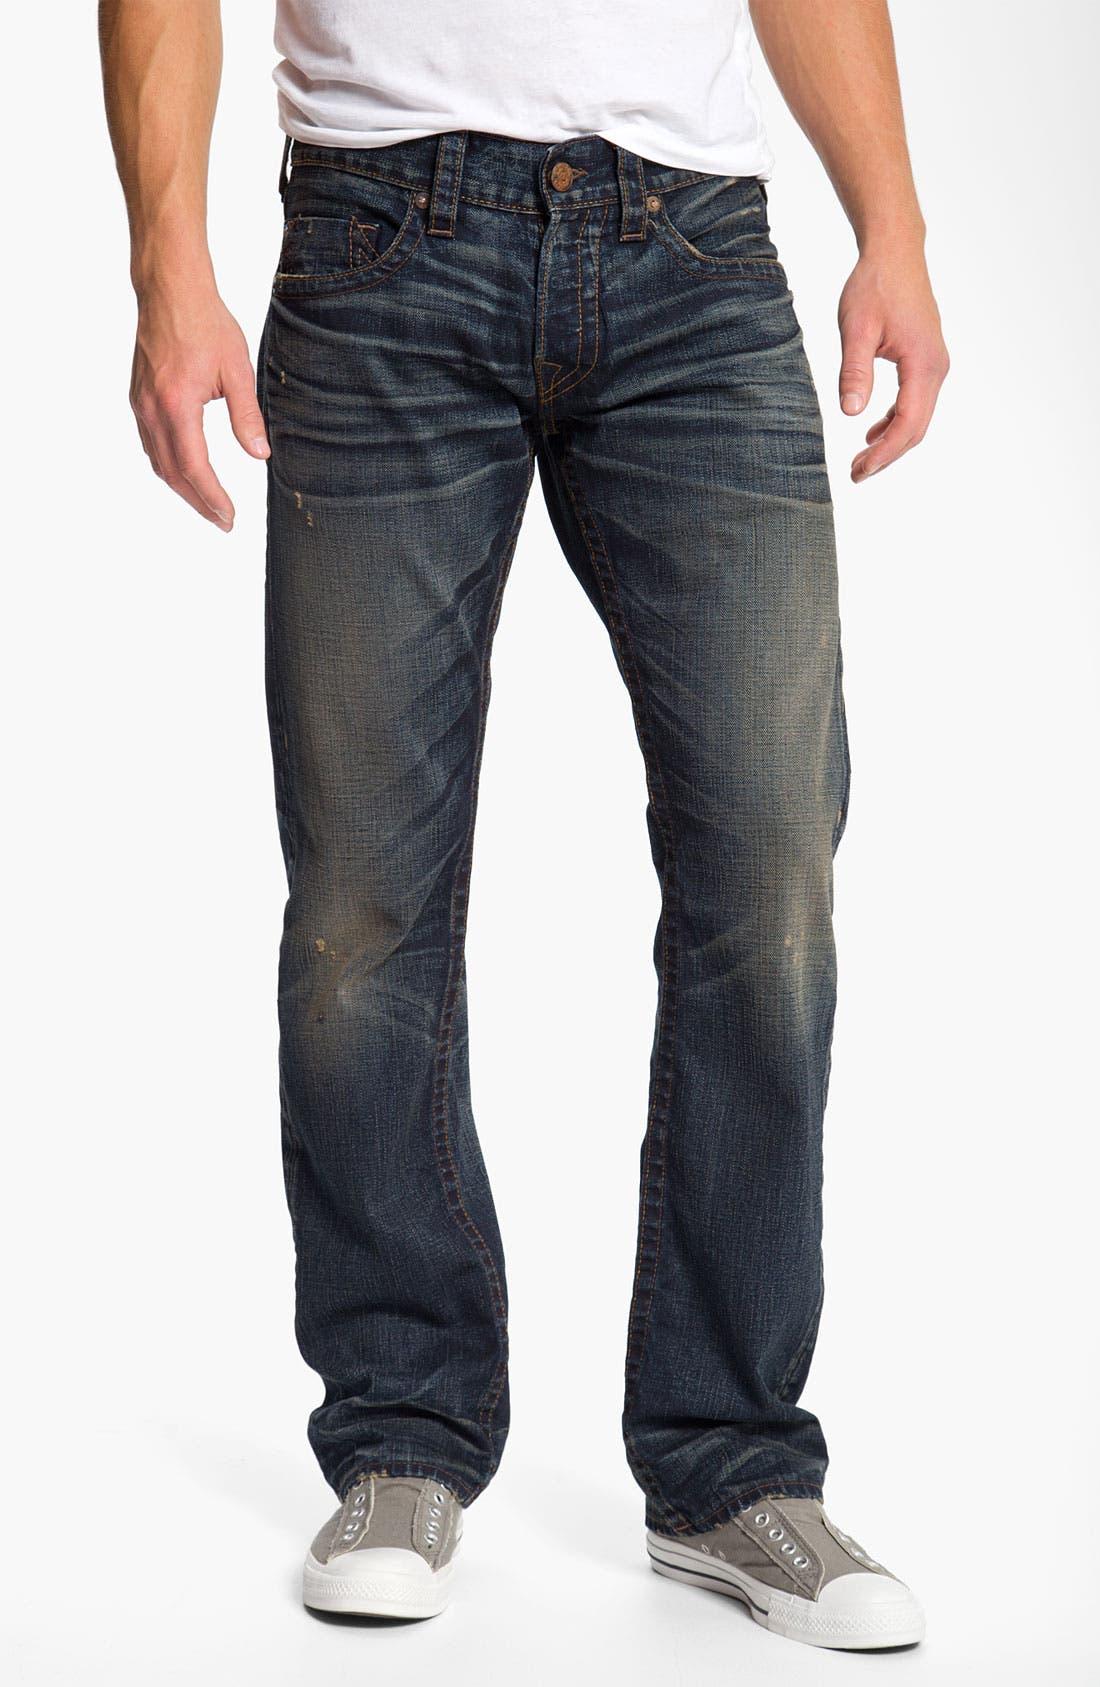 Alternate Image 2  - True Religion Brand Jeans 'Bobby' Straight Leg Jeans (Snyper)